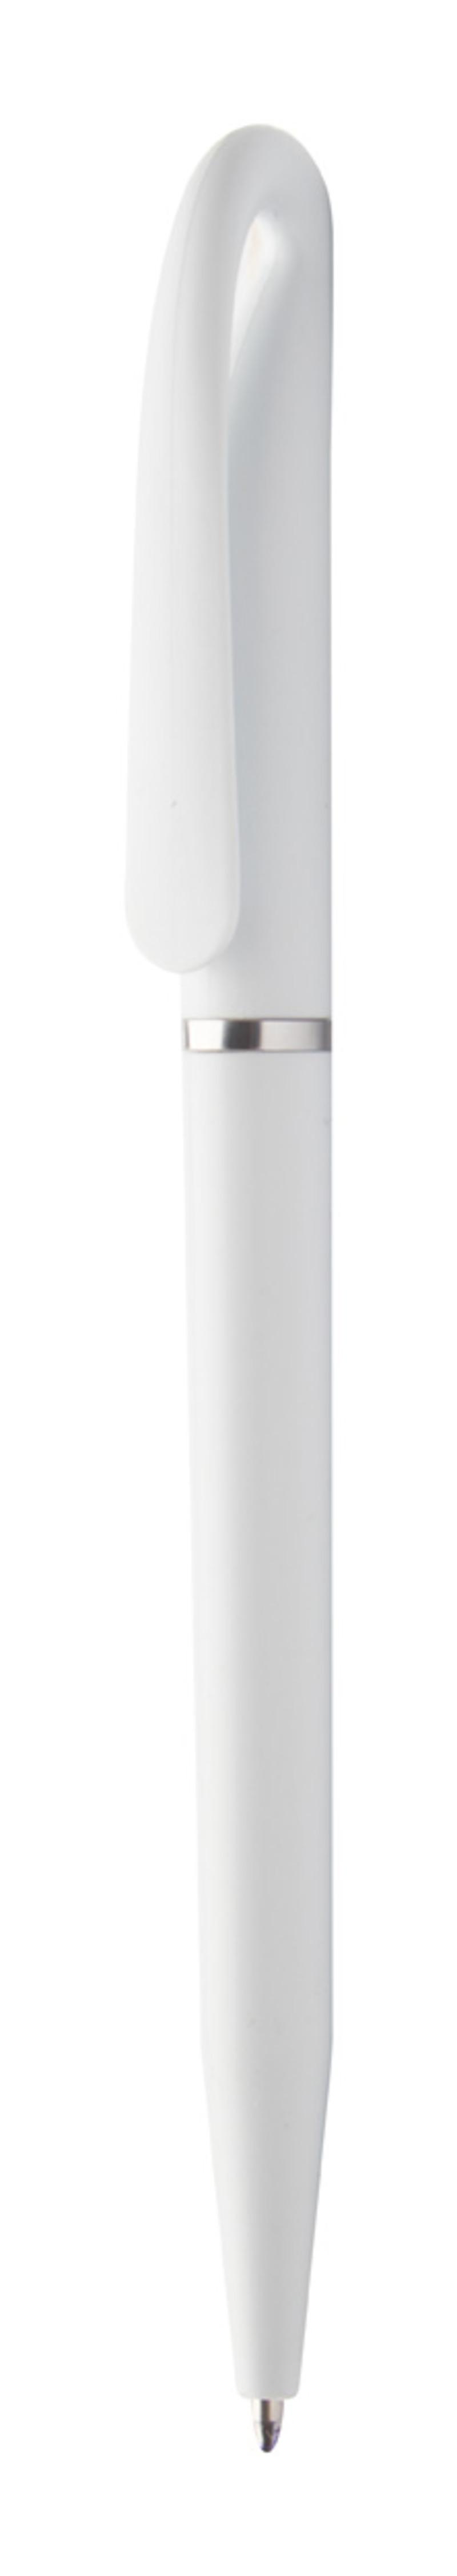 Dexir ballpoint pen